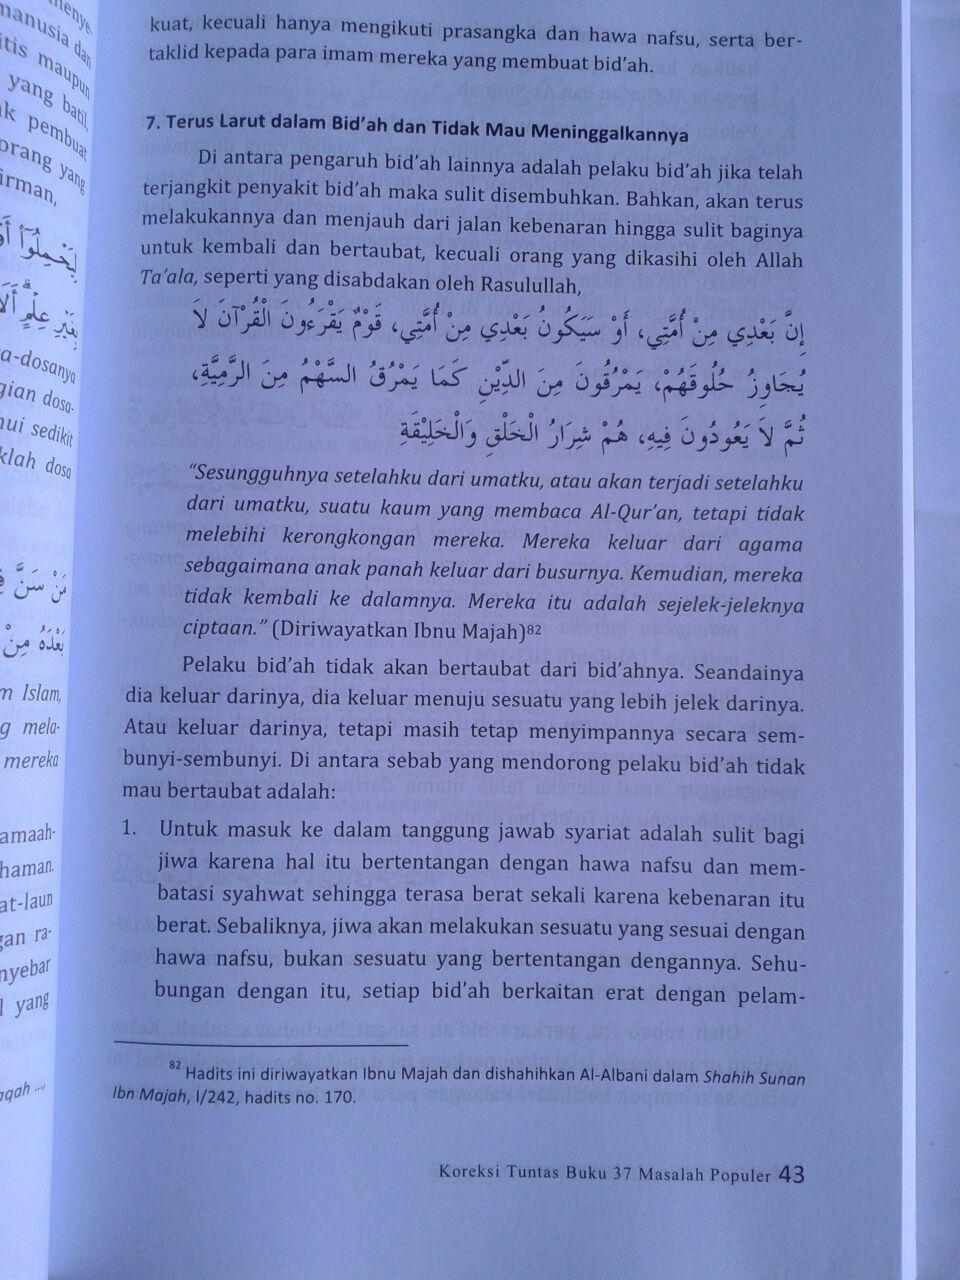 Buku Koreksi Tuntas Buku 37 Masalah Populer isi 4